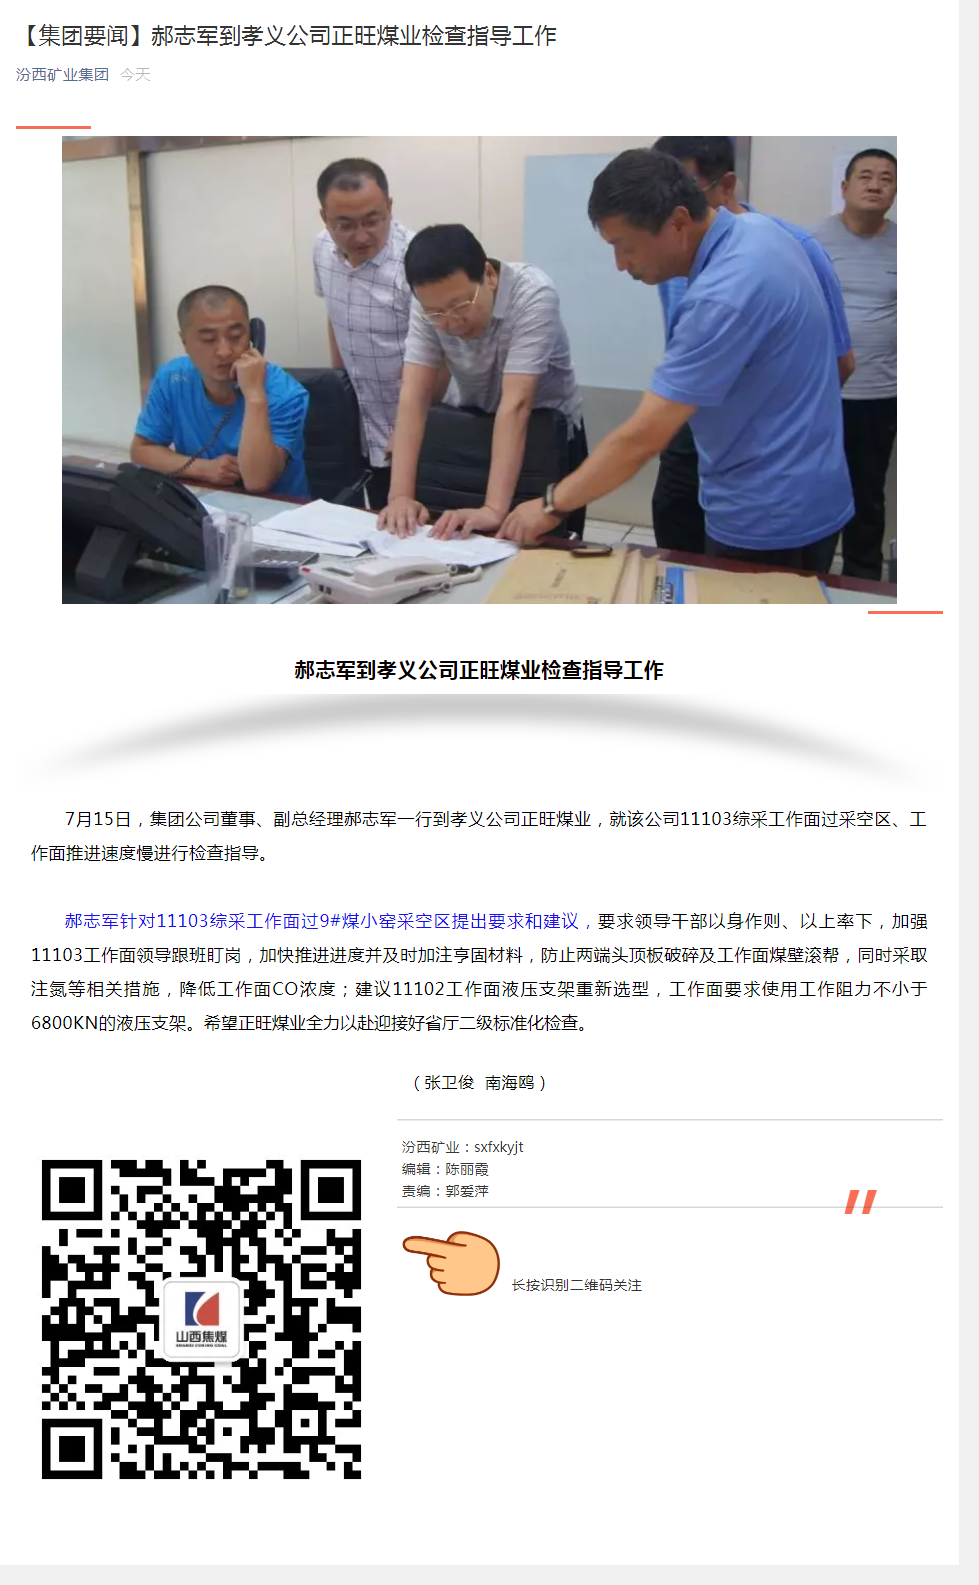 【集團要聞】郝志軍到孝義公司正旺煤業檢查指導工作.png